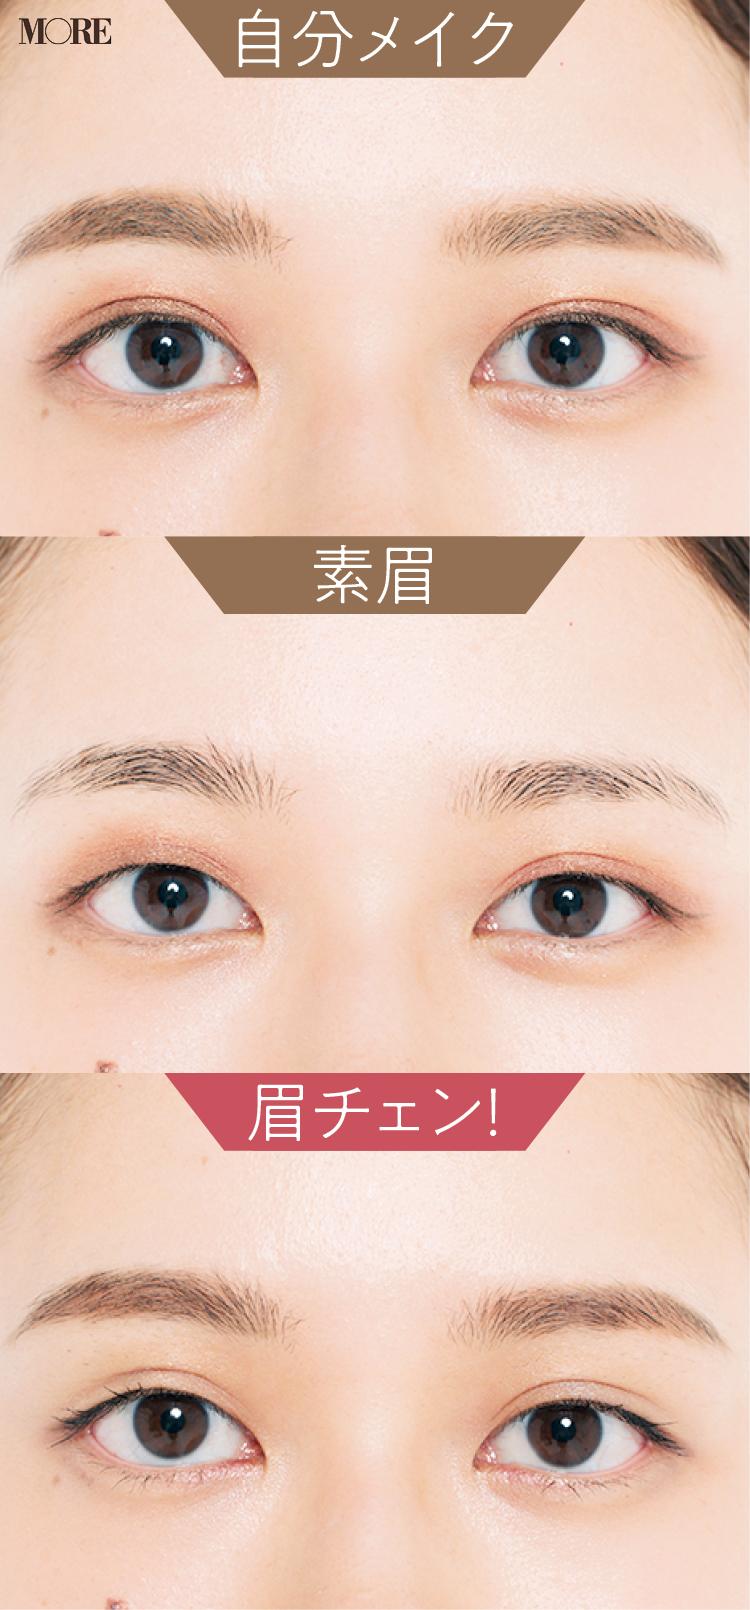 まばら眉の人におすすめの描き方! 毛がある部分とない部分でアイテムを変えて立体的に。眉尻は『デジャヴュ』の密着ペンシルで_2